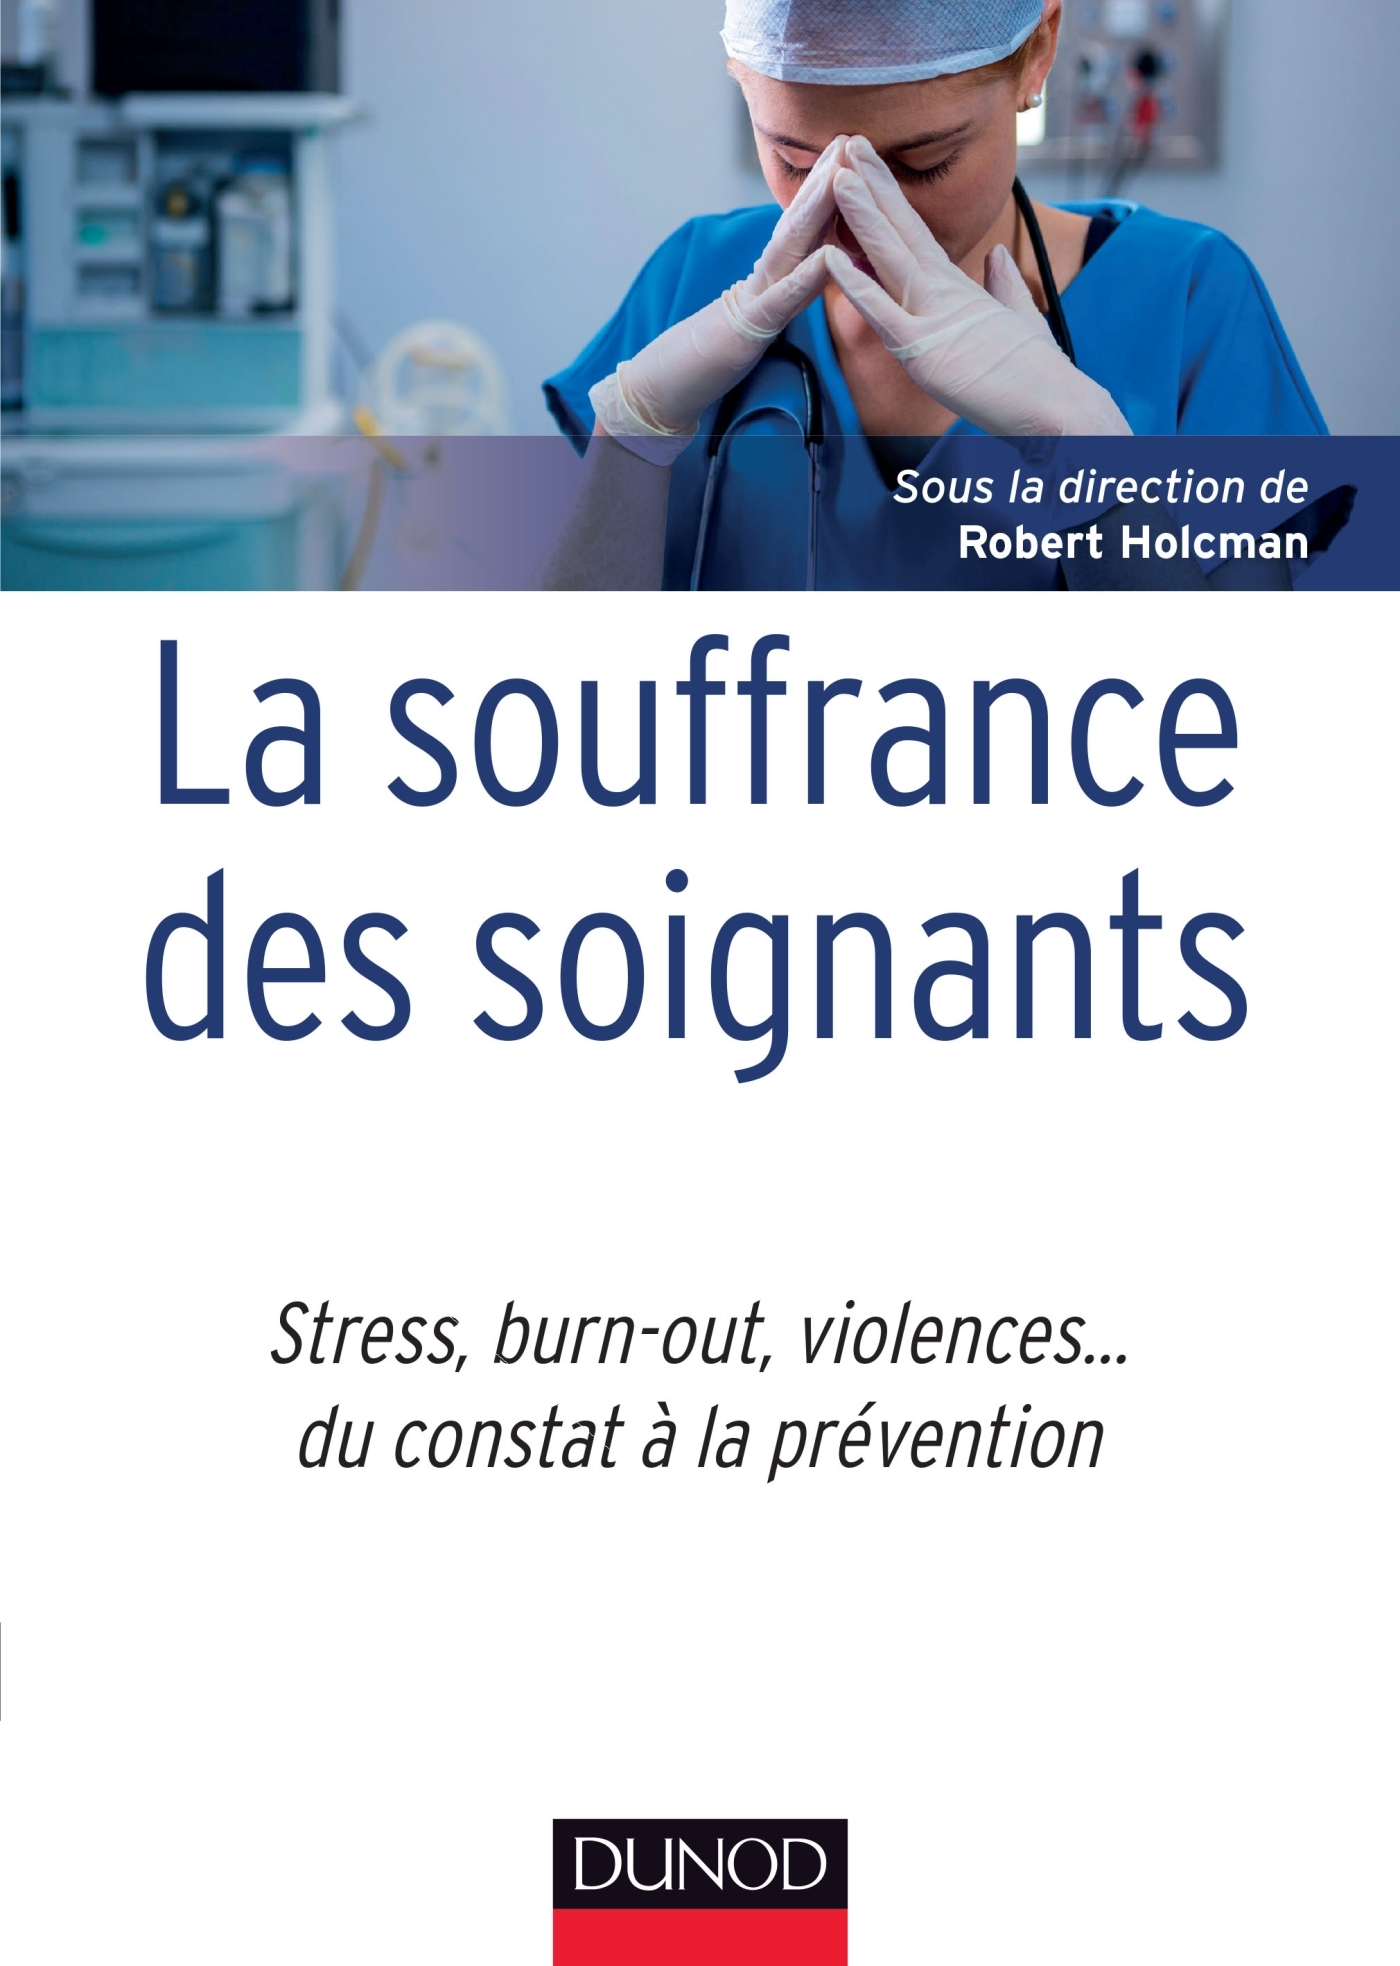 LA SOUFFRANCE DES SOIGNANTS - STRESS, BURN-OUT, VIOLENCES... DU CONSTAT A LA PREVENTION